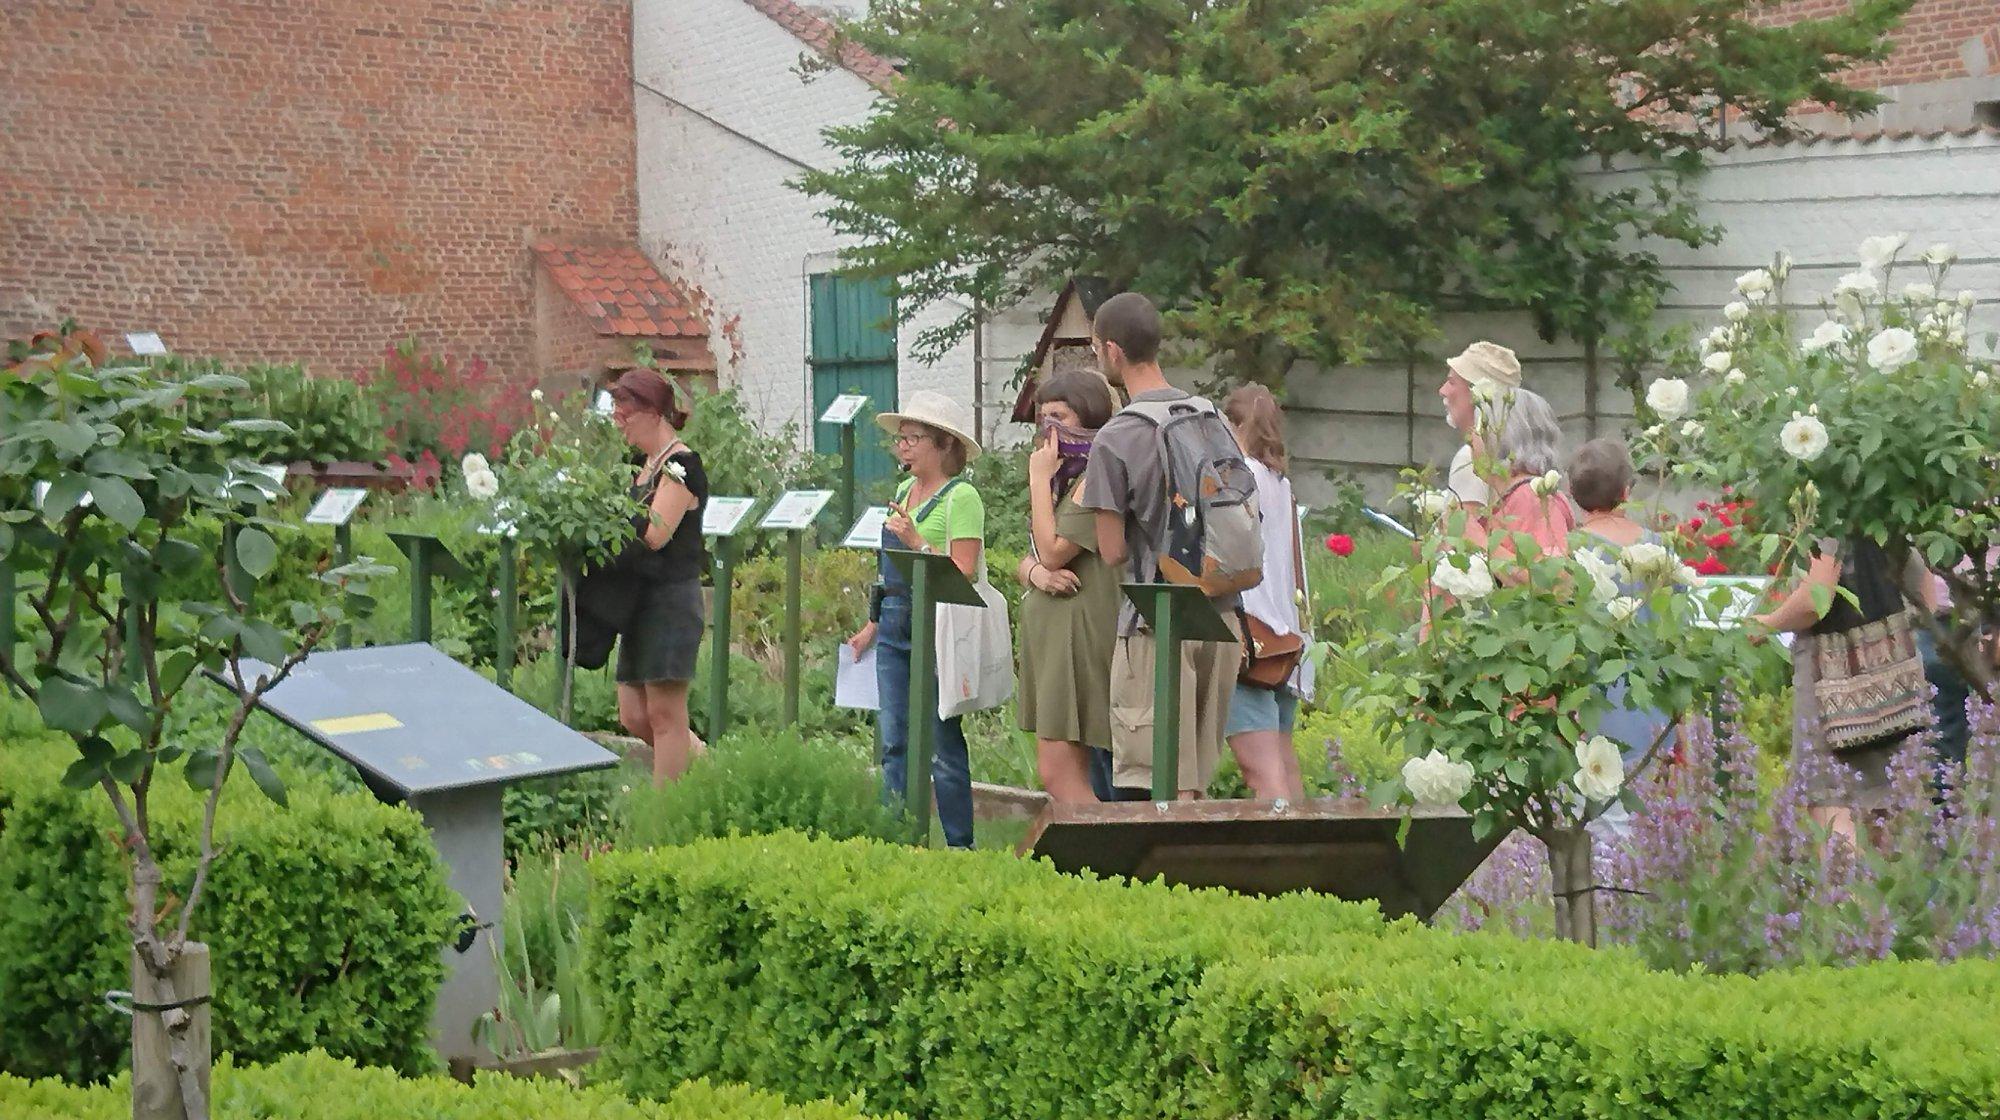 Visite jardin « La manne céleste à portée de main », le 30 septembre